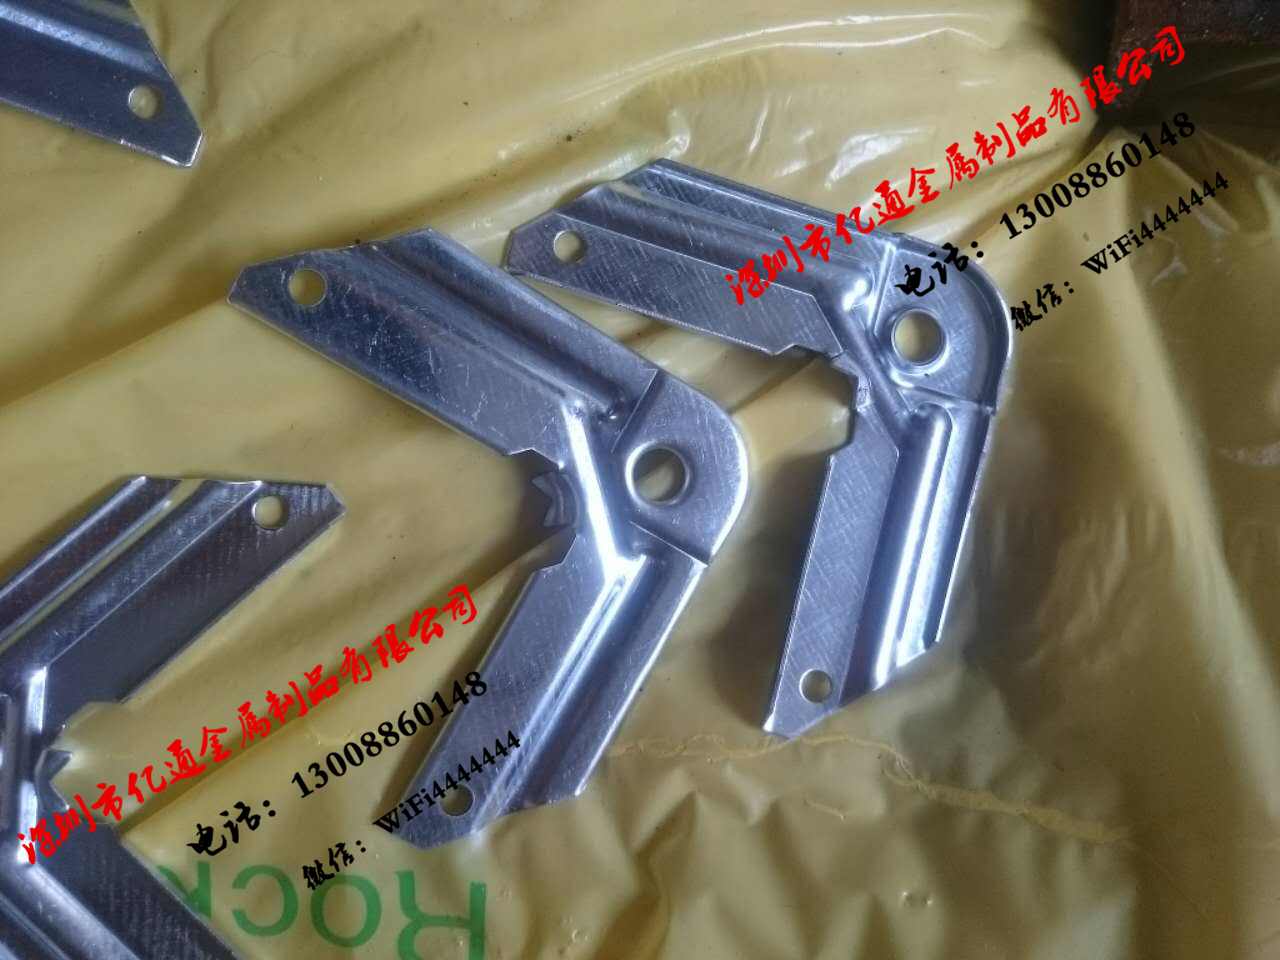 铁皮角码 镀锌角码 1.2mm 法兰角 法兰夹 风管插件 铁皮插件 角码 镀锌冲码 铁皮角码 冲码 风管配件